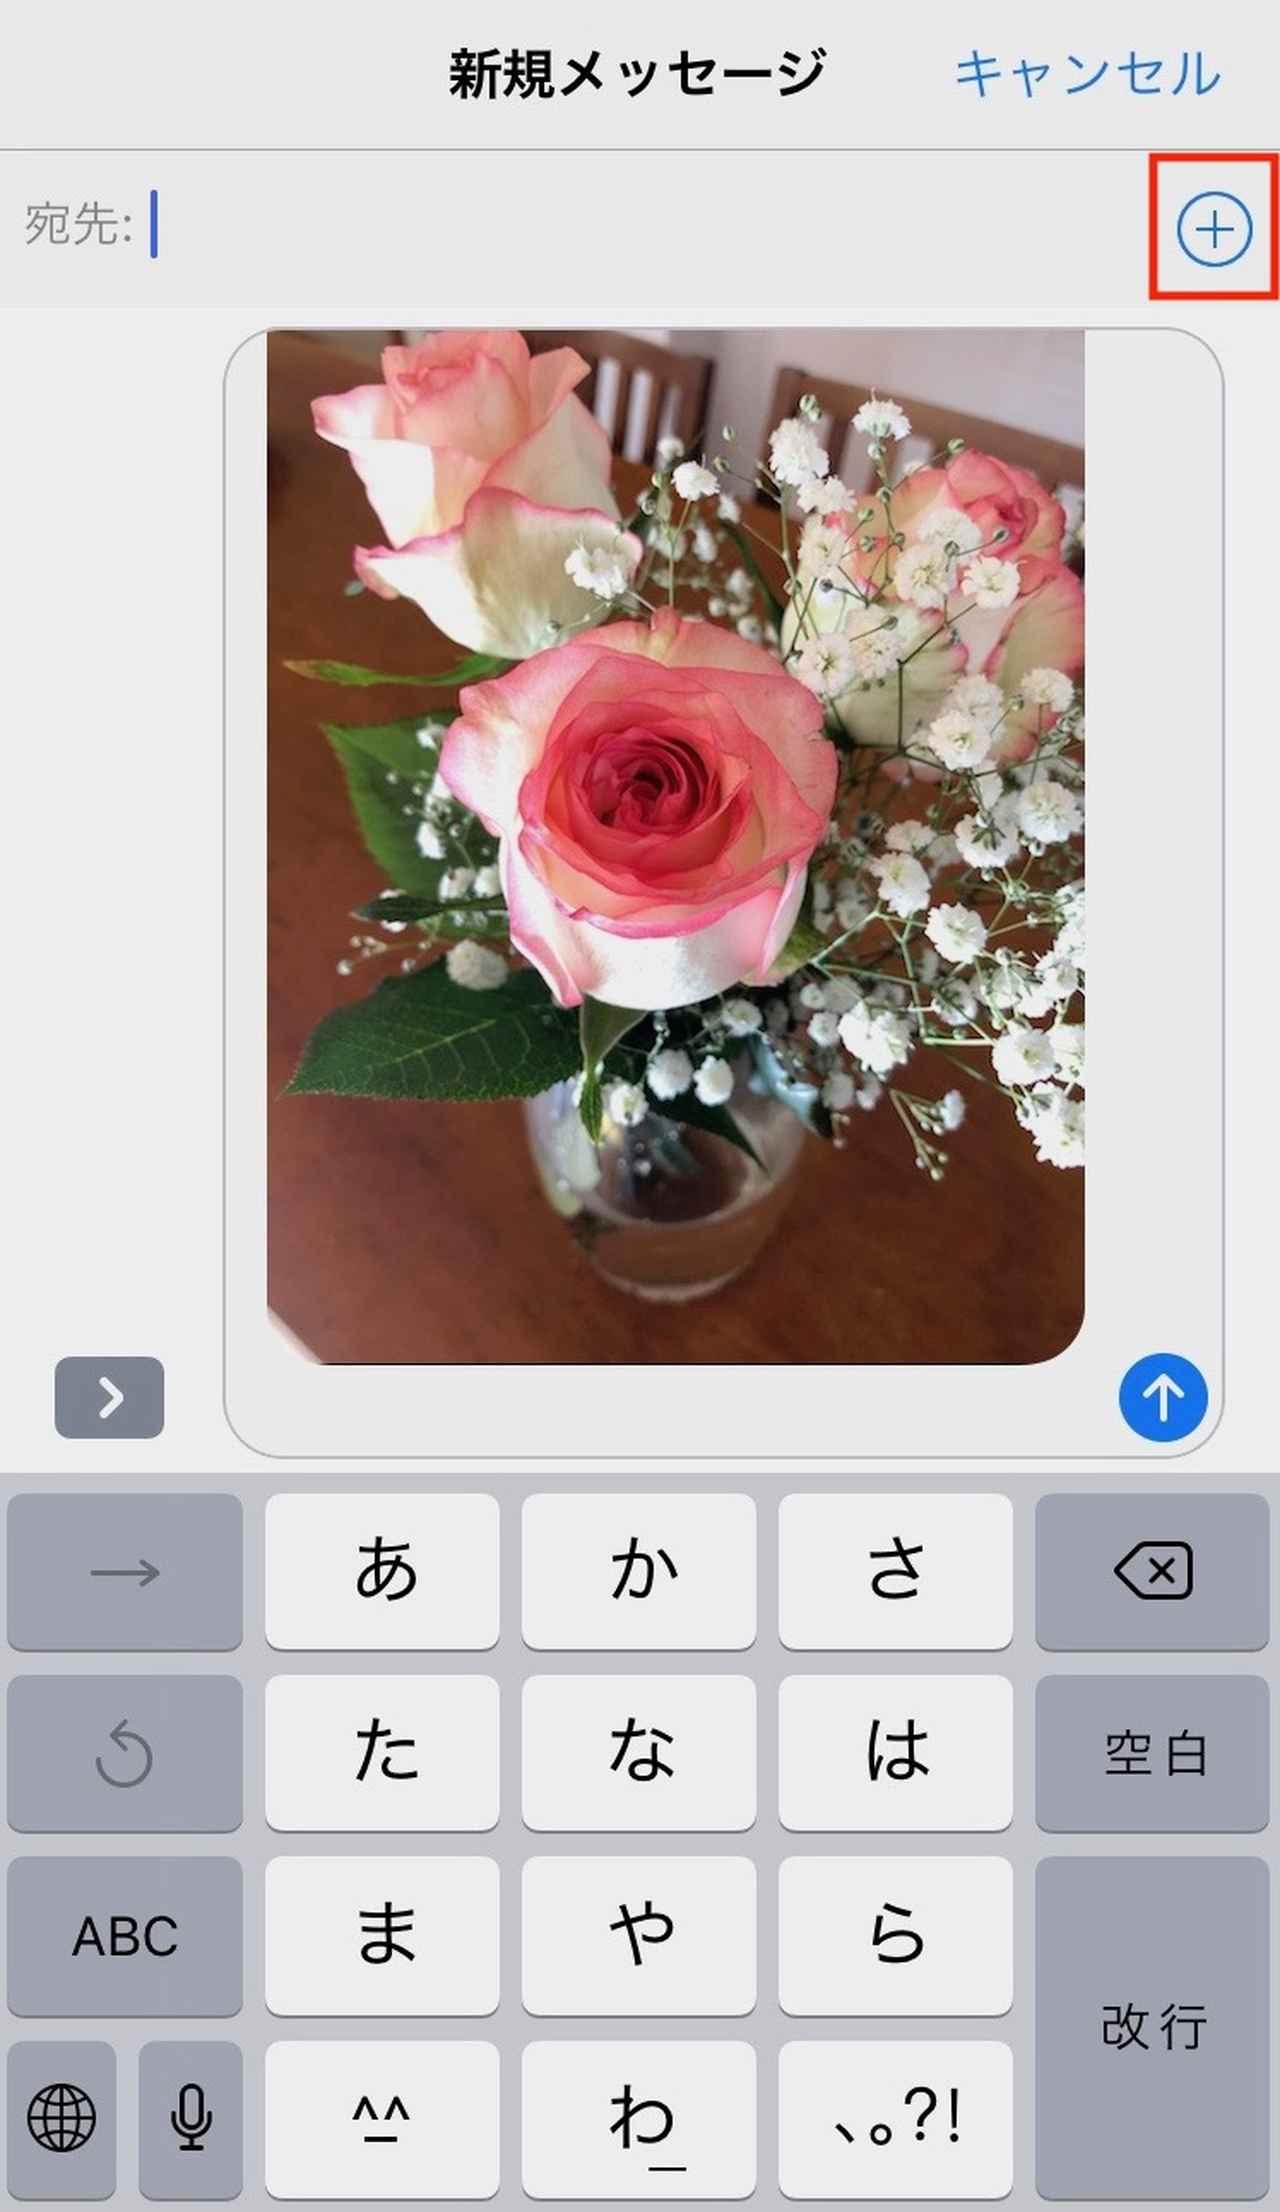 画像: 右上の「+」をタッチすると連絡帳が表示されるので、送る相手を選択しましょう。